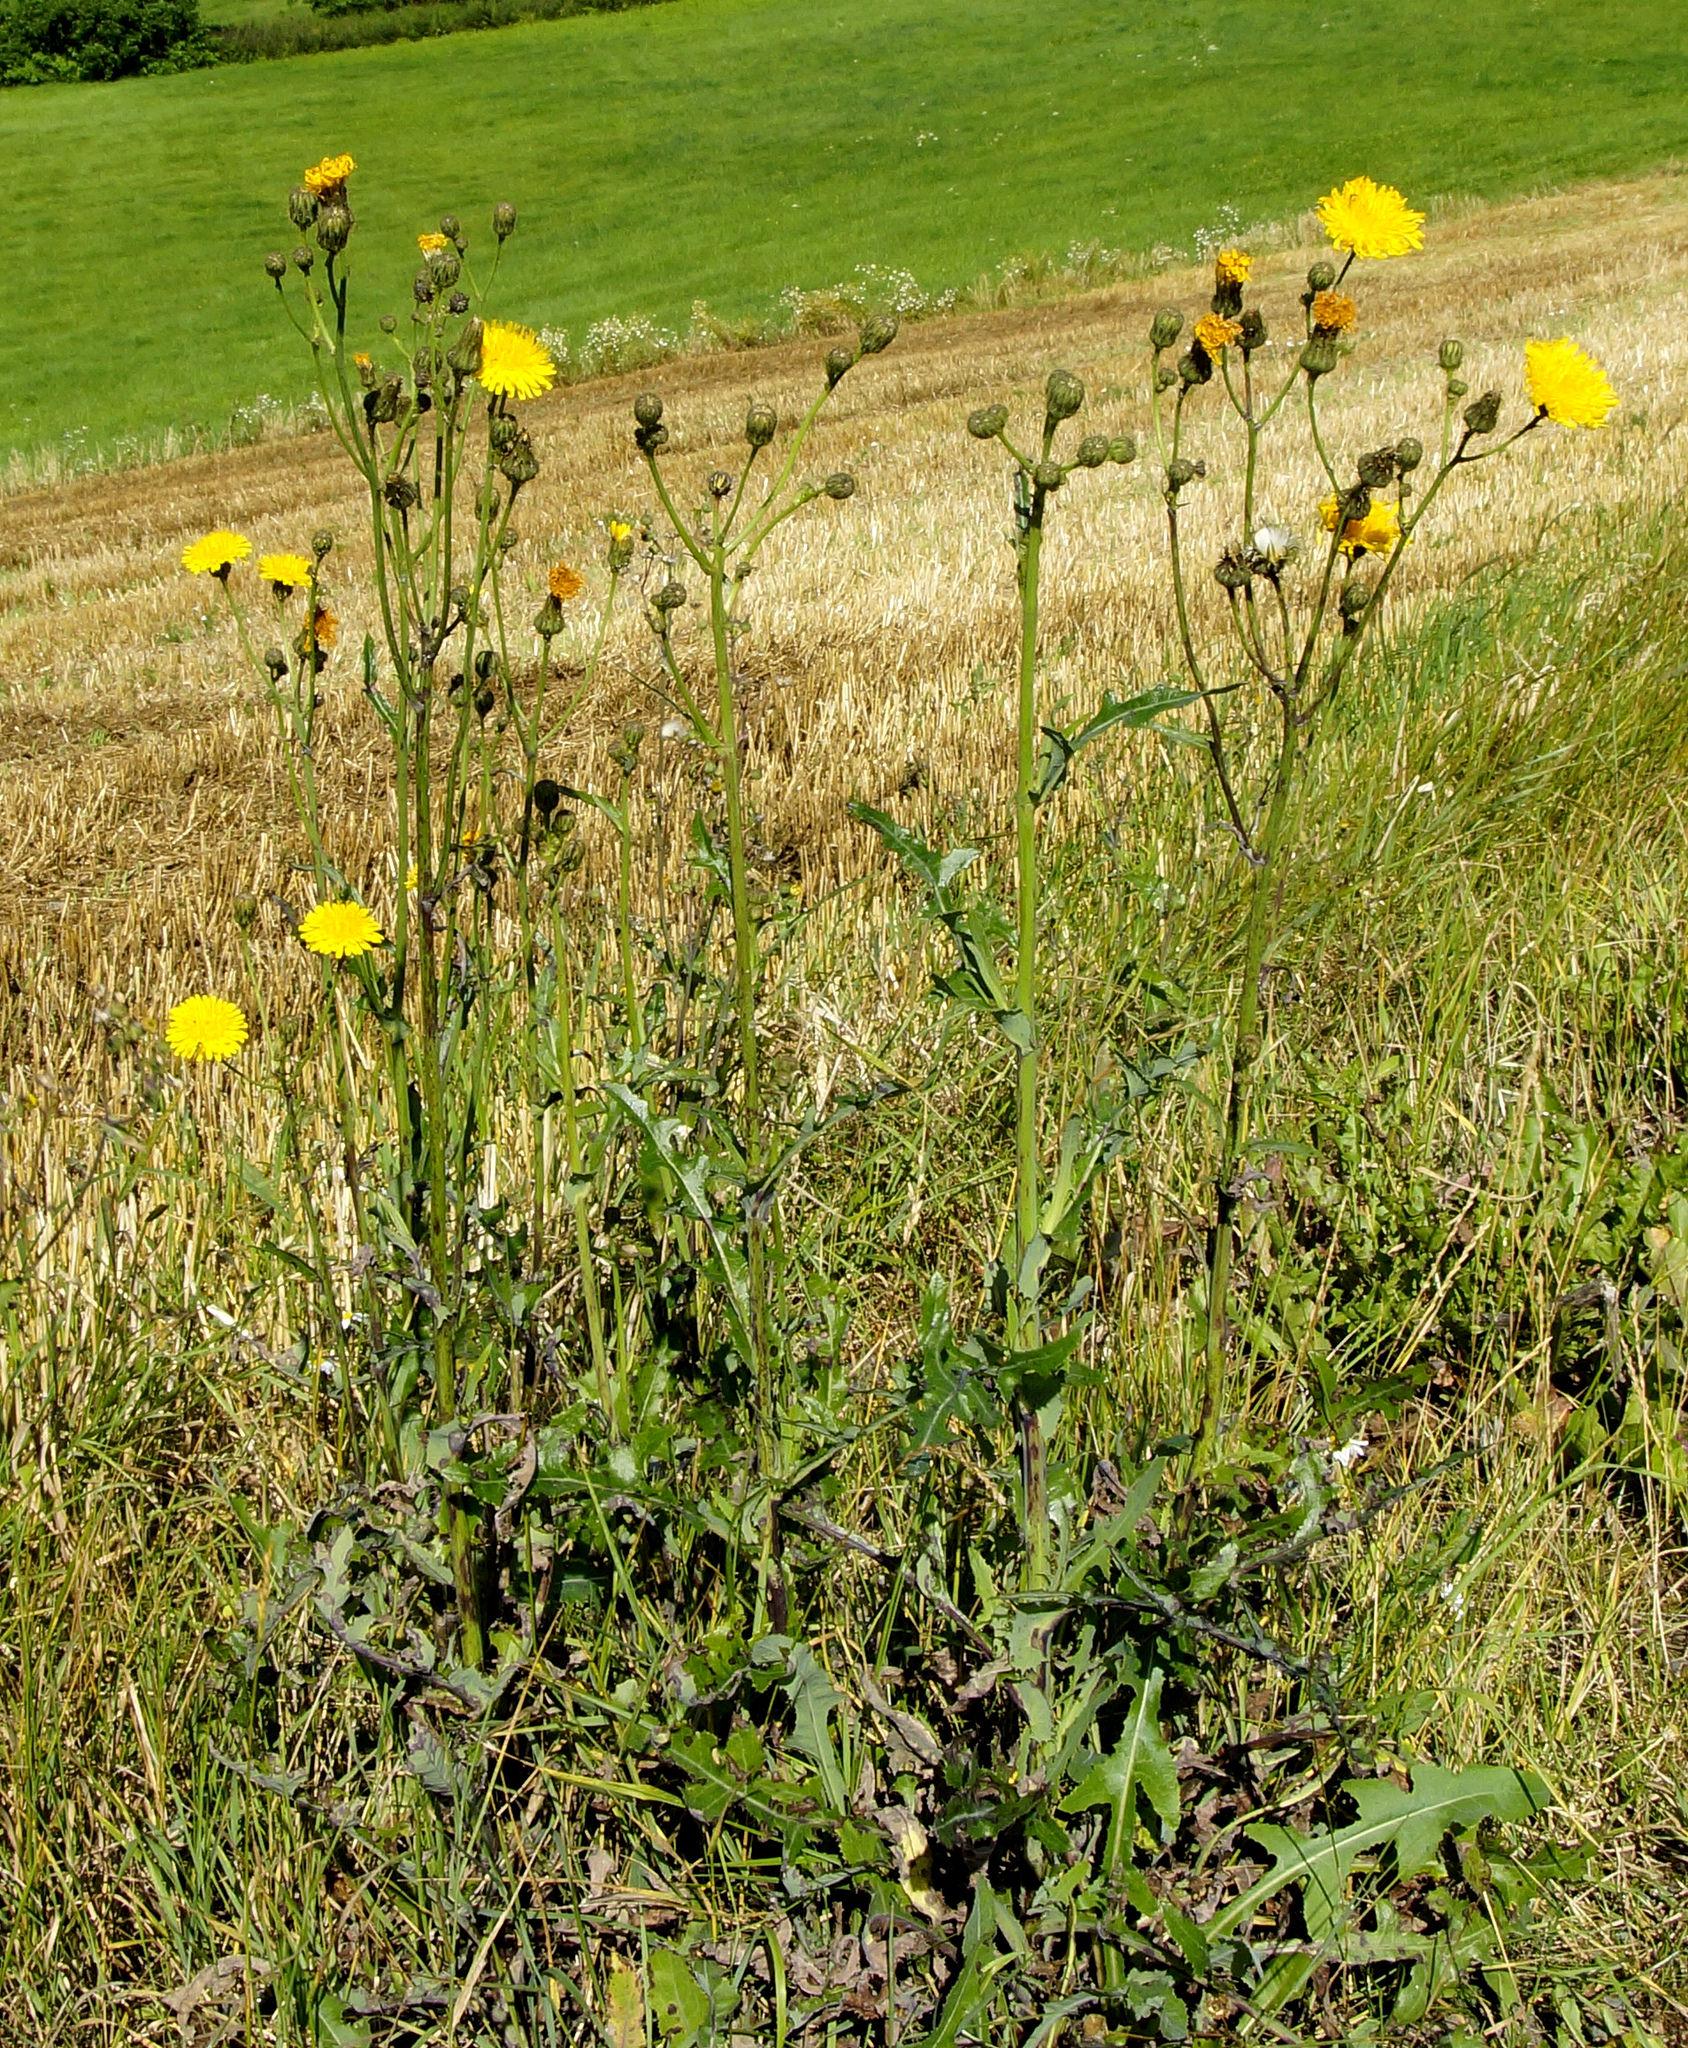 Laiteron des champs semer et cultiver ooreka - Ou acheter le tapis champ de fleurs ...